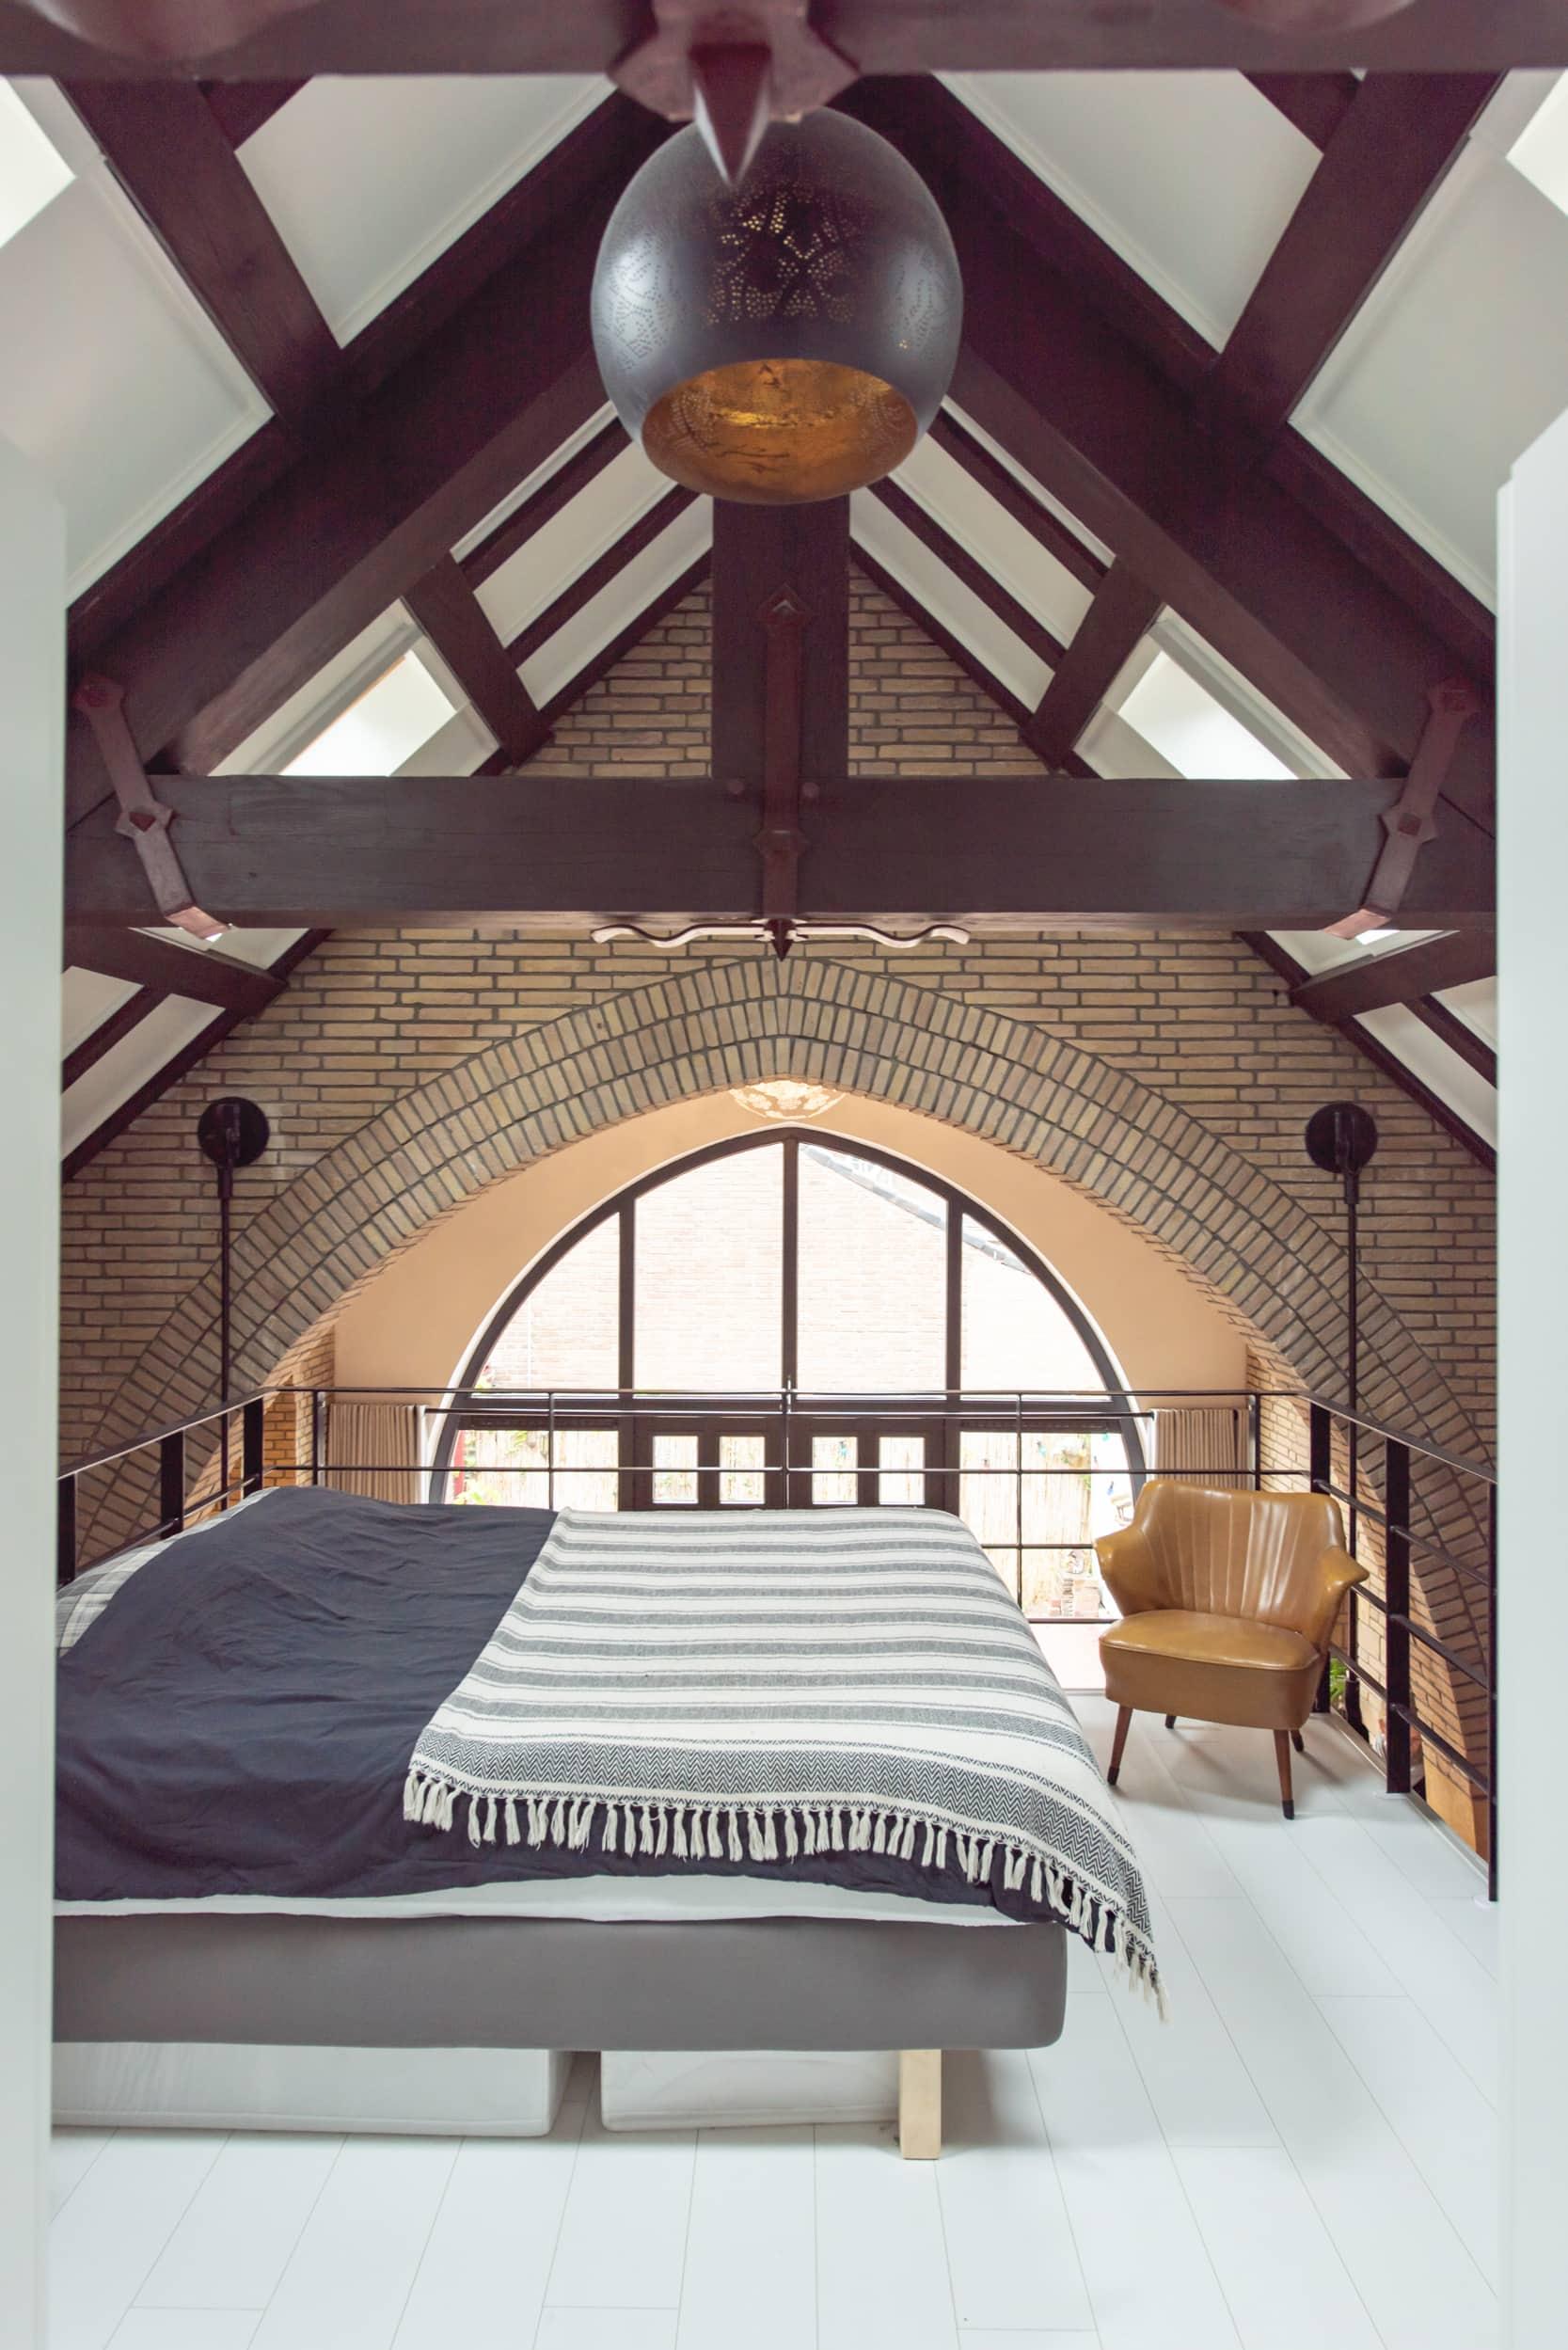 van-os-architecten-verbouwing-kapel-tot-woonhuis-oranjeboomstraat-breda-slaapkamer-op-nieuwe-verdiepingsvloer-onder-houten-spanten